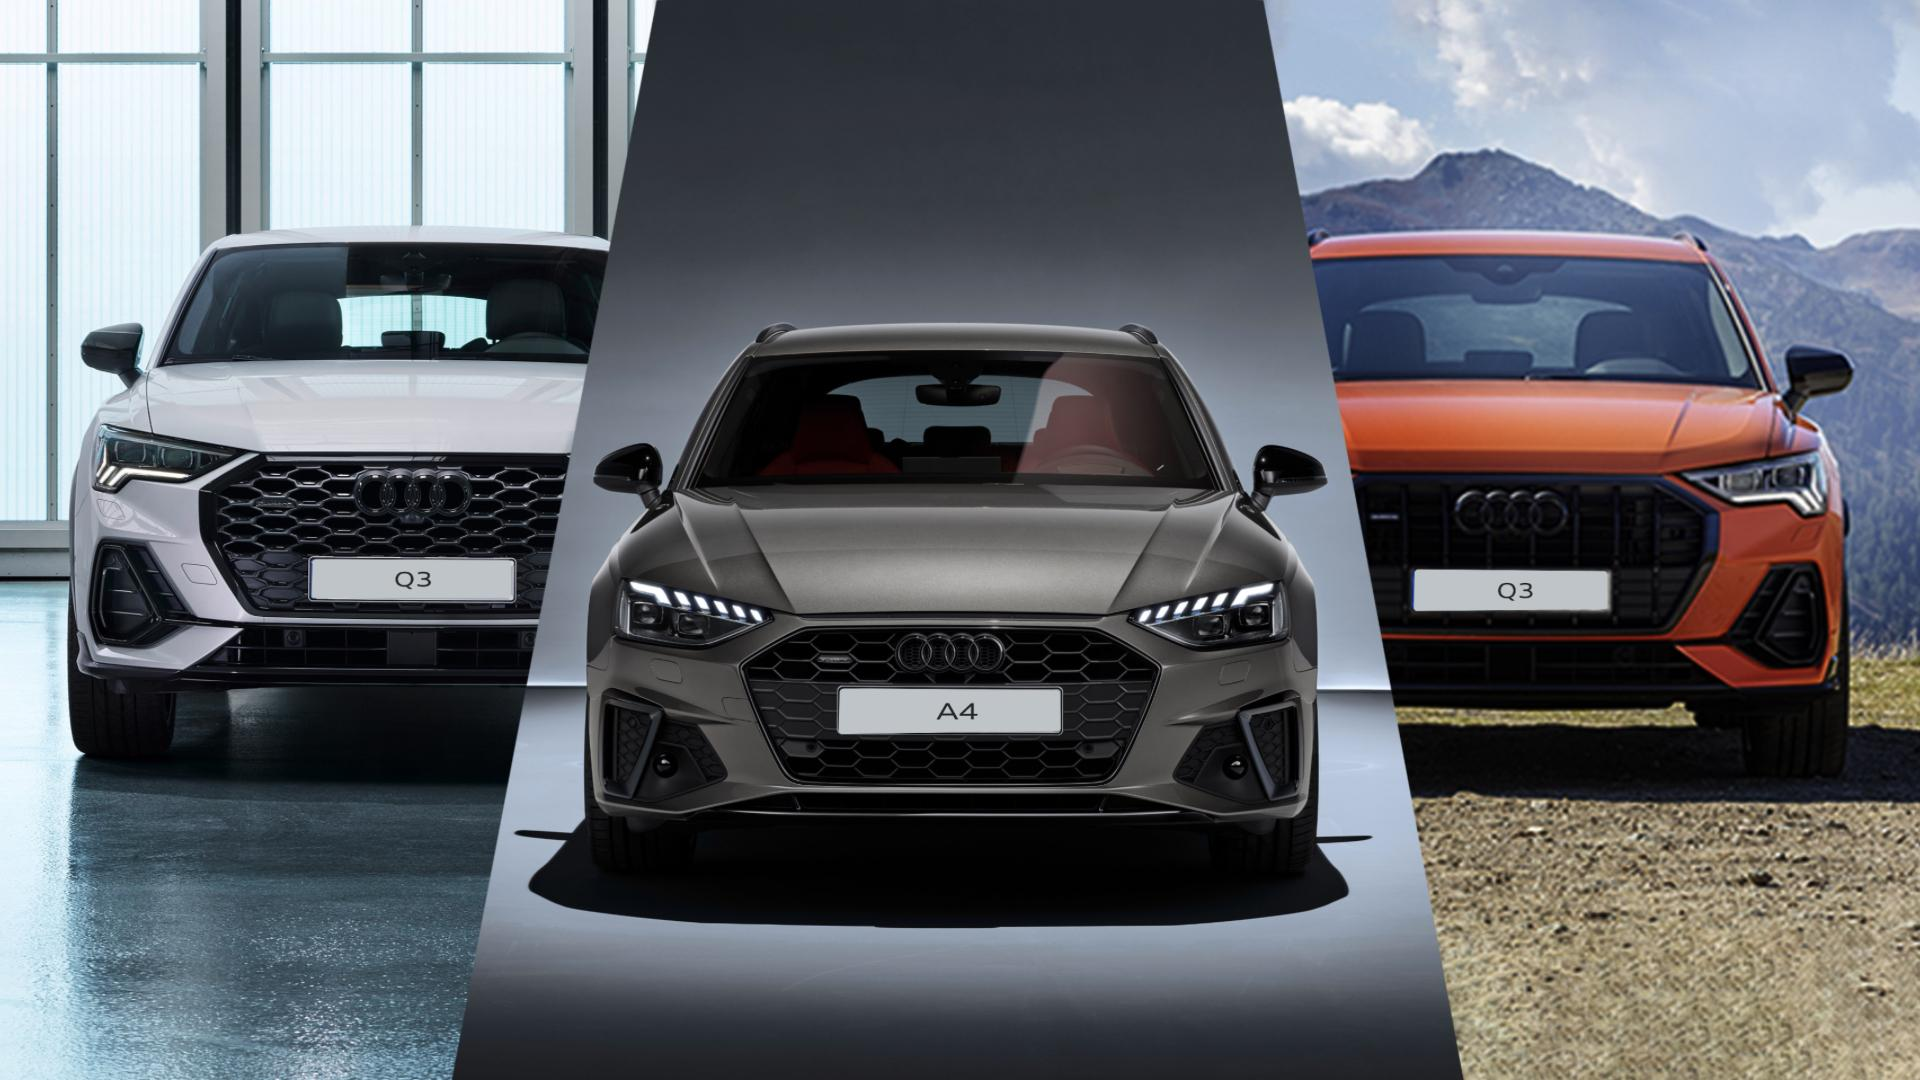 Limitovná nabídka vozů Audi A4, Q3 a Q3 Sportback.